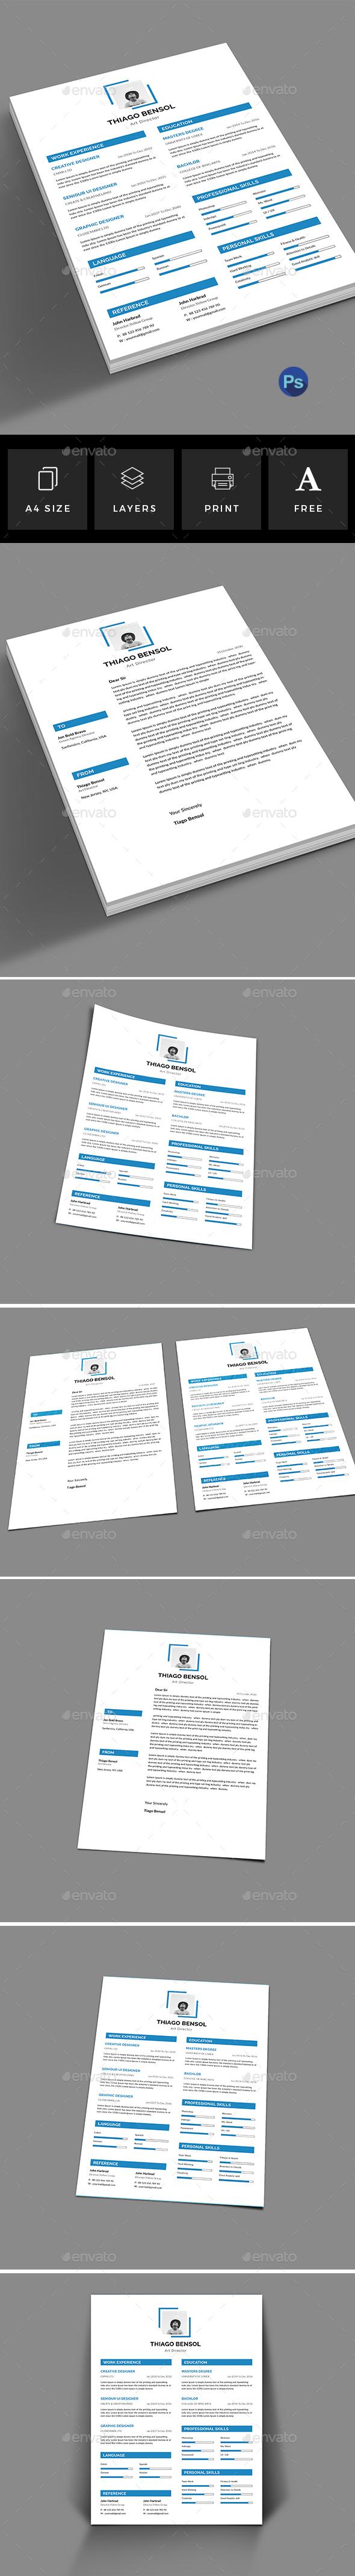 GraphicRiver Resume 20967773